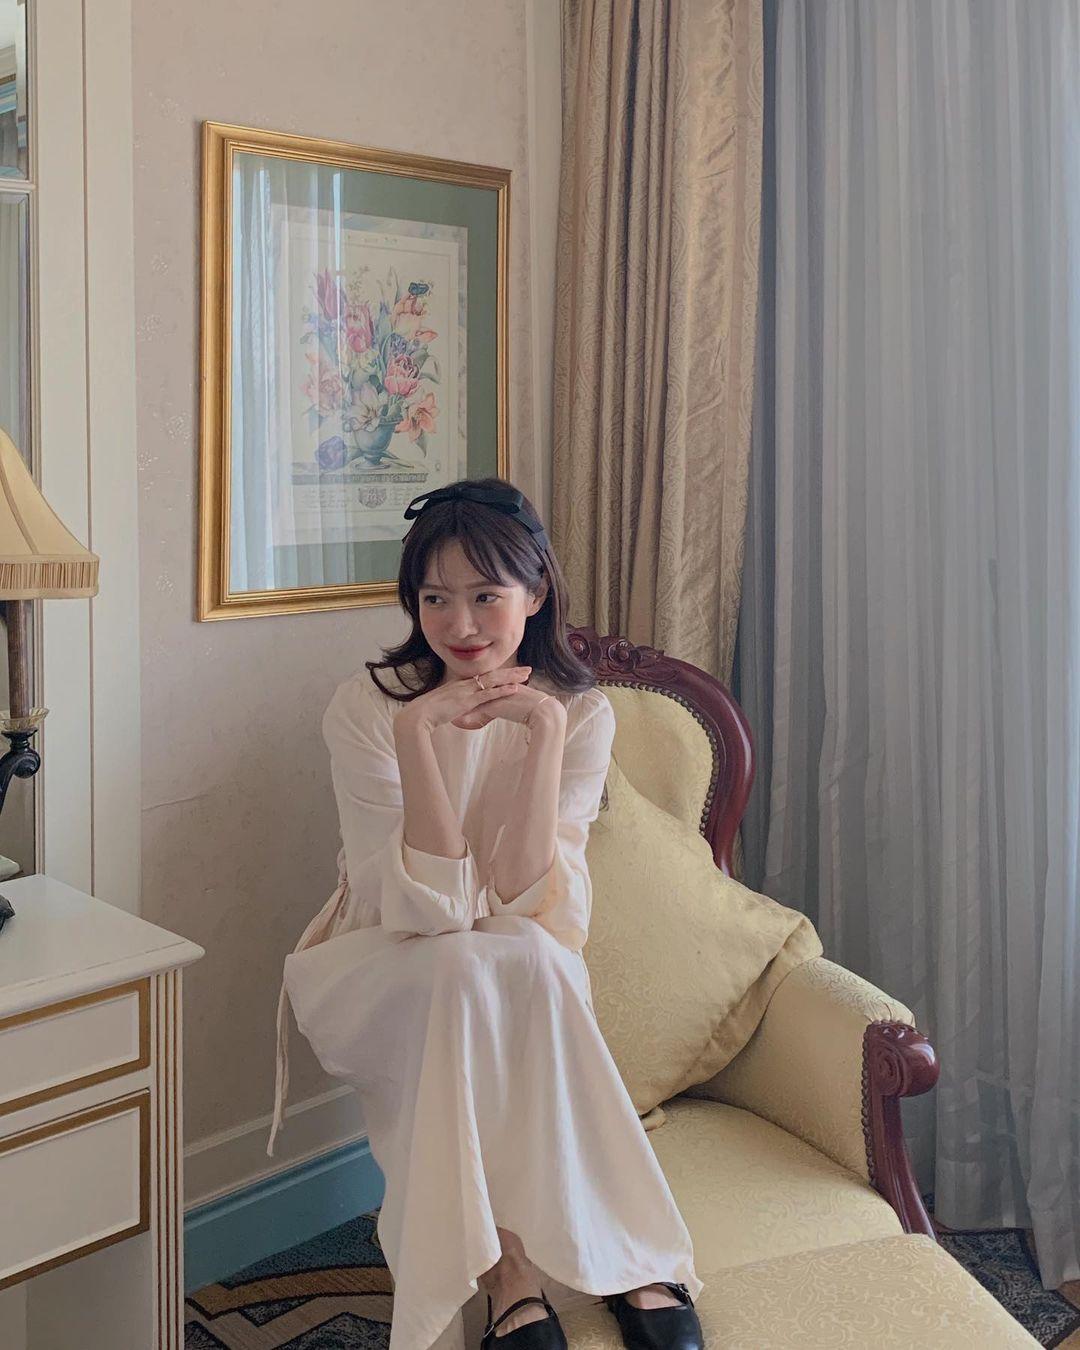 Hè đến là gái Hàn lại diện đủ kiểu váy trắng siêu trẻ xinh và tinh tế, xem mà muốn sắm cả 'lố' về nhà - Ảnh 5